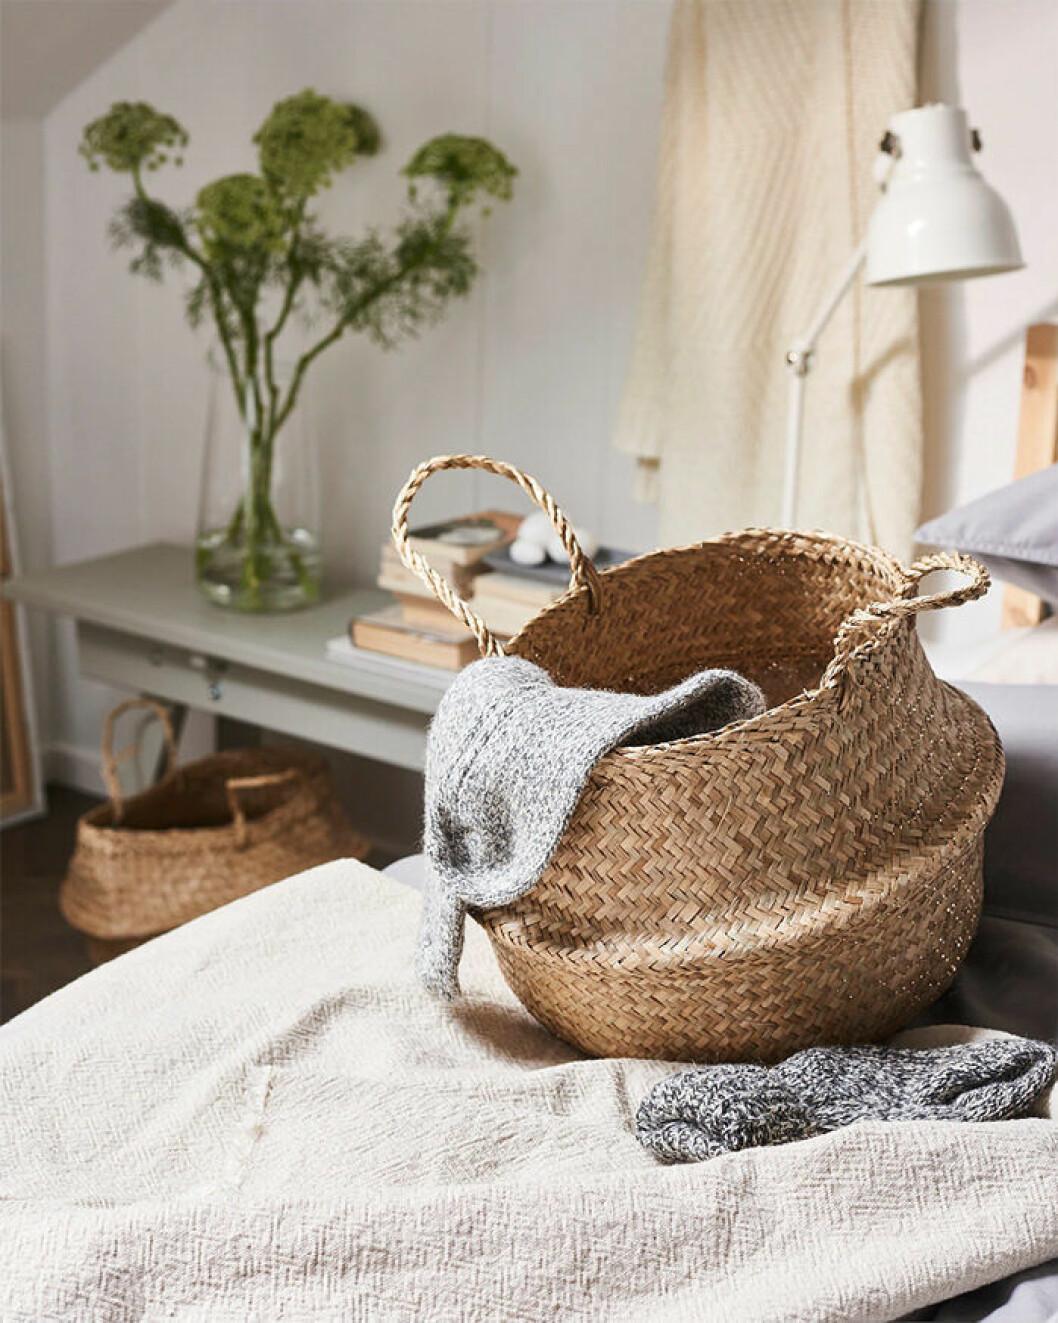 Flätade förvaringskorgar, här från Ikea, är smidiga när du ska plocka undan och städa i hemmet